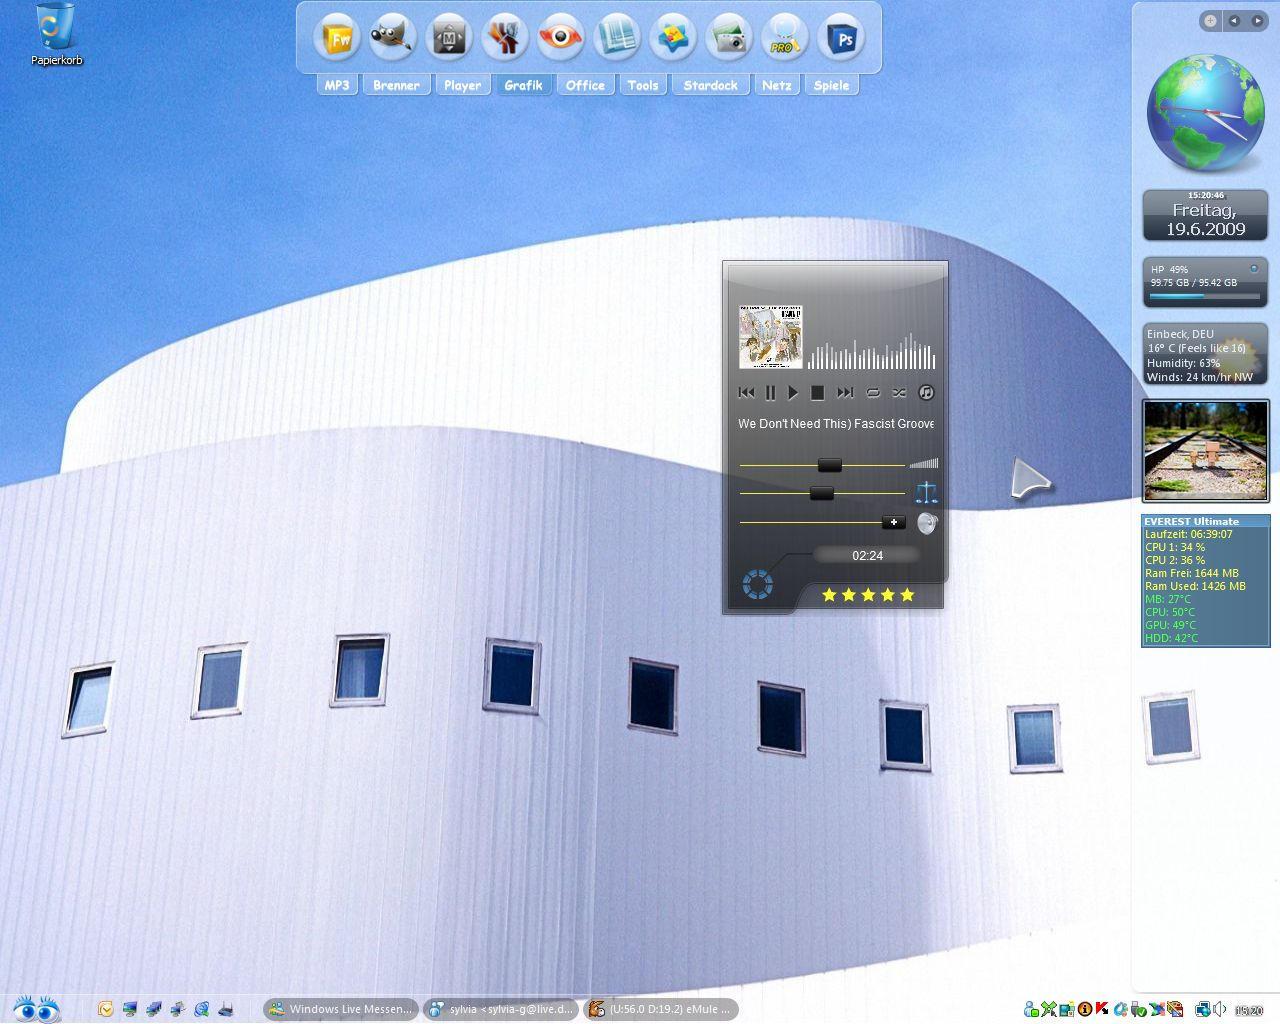 LJY Xion v1.0 by Einbeck45